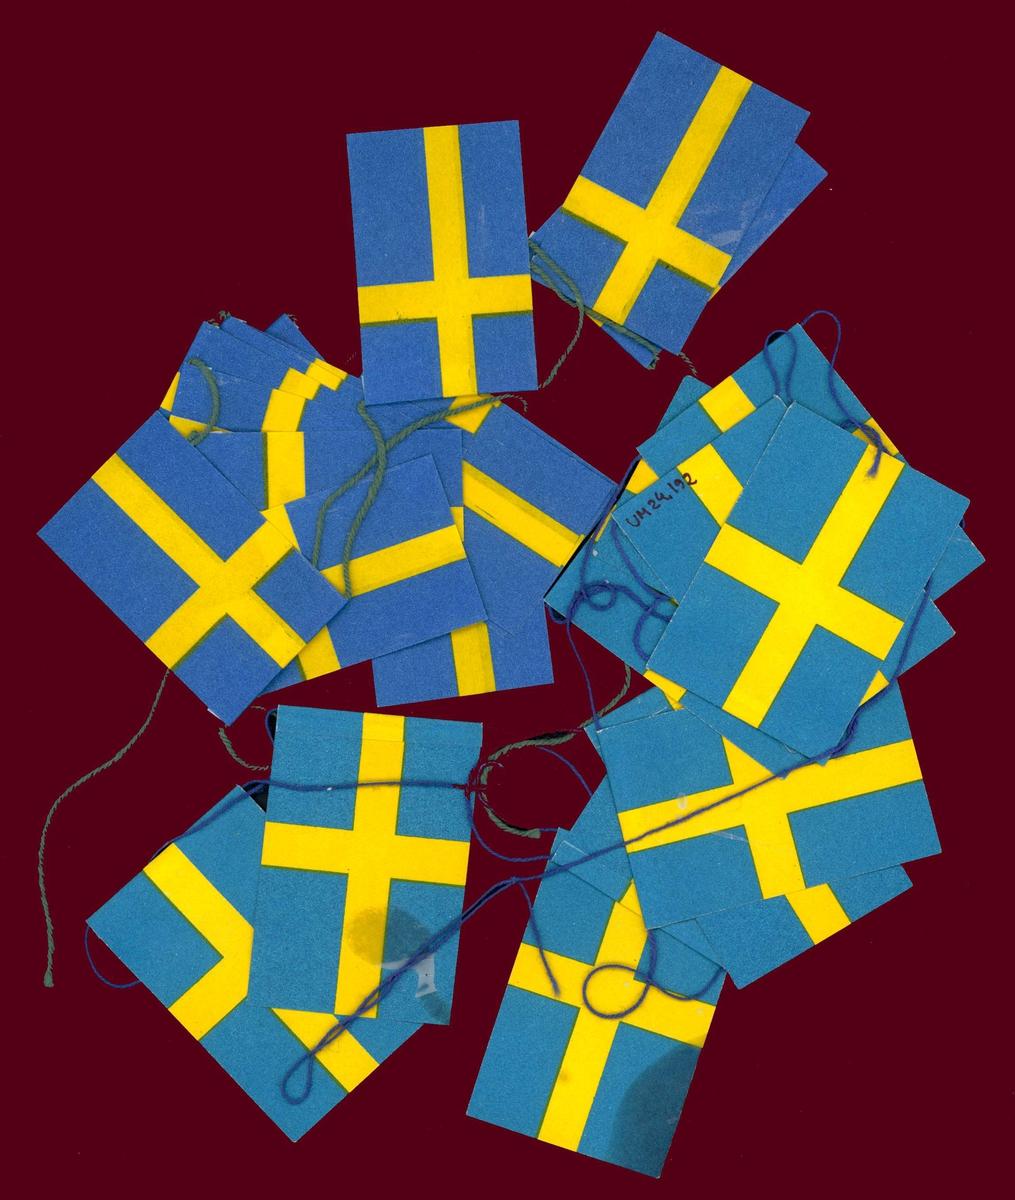 Julgransflaggor av papper, utforamde efter svenska flaggan.